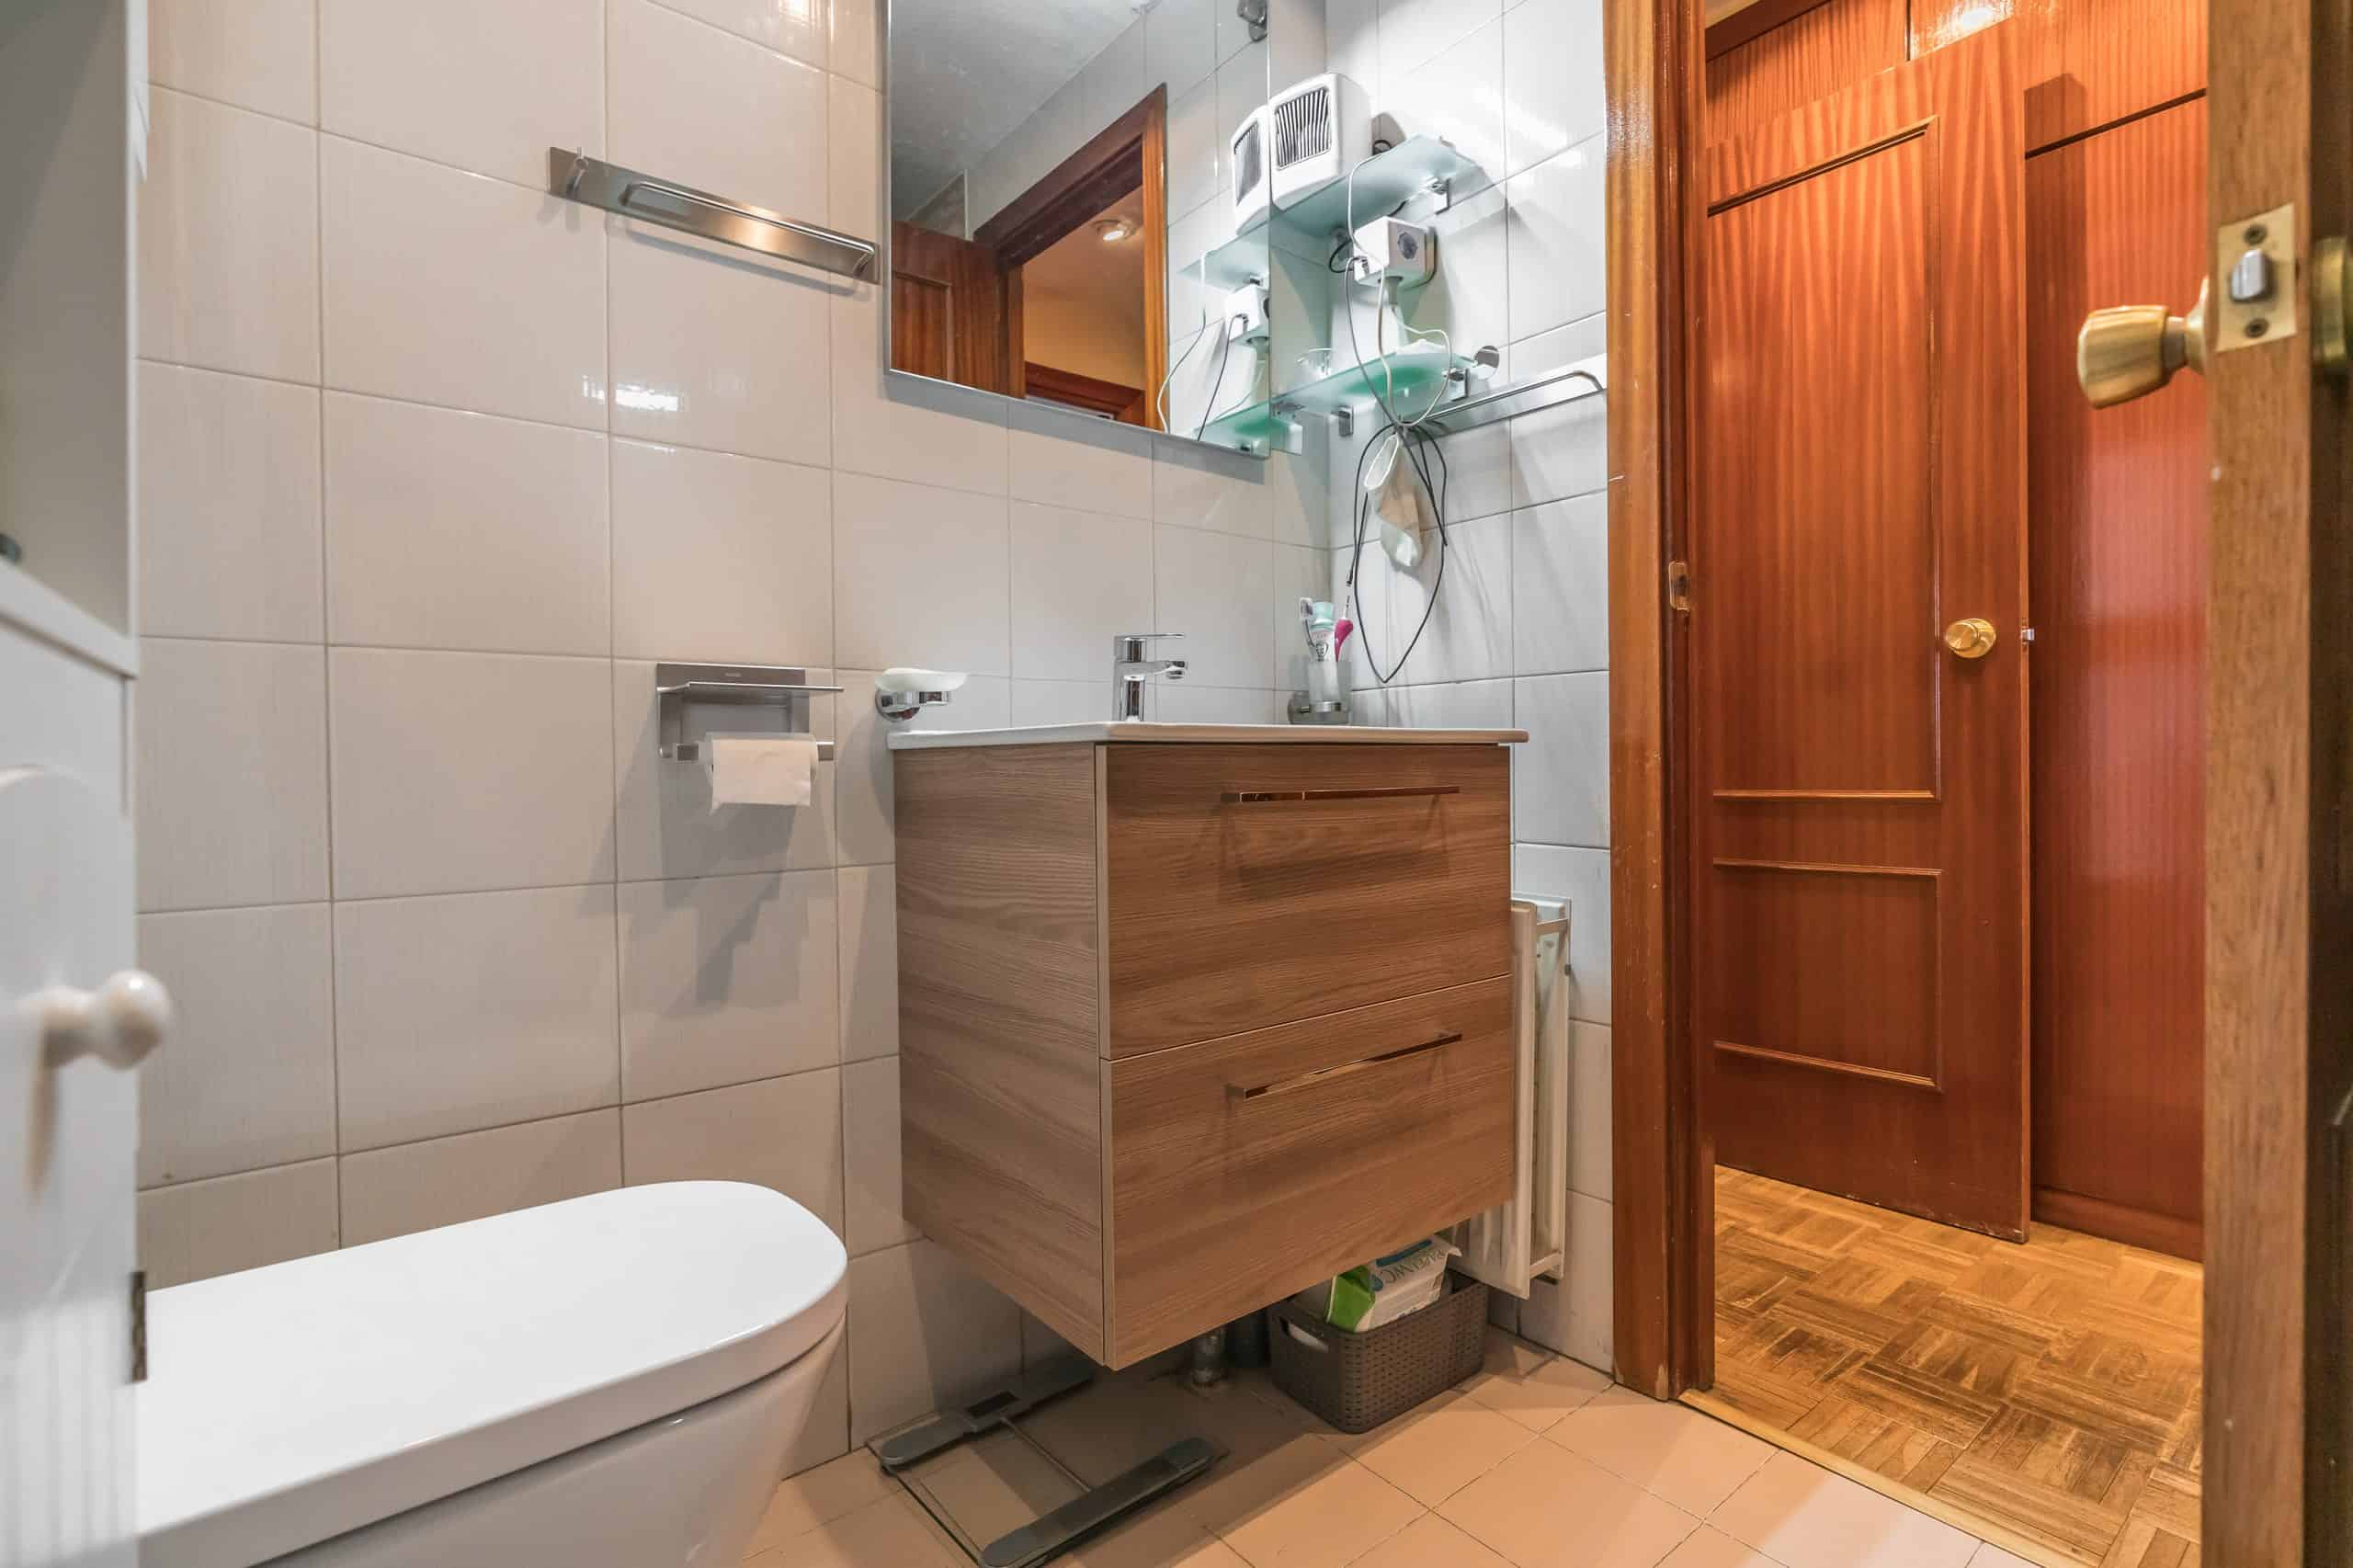 Agencia Inmobiliaria de Madrid-FUTUROCASA-Calle Unanimidad BAÑO1 (3)